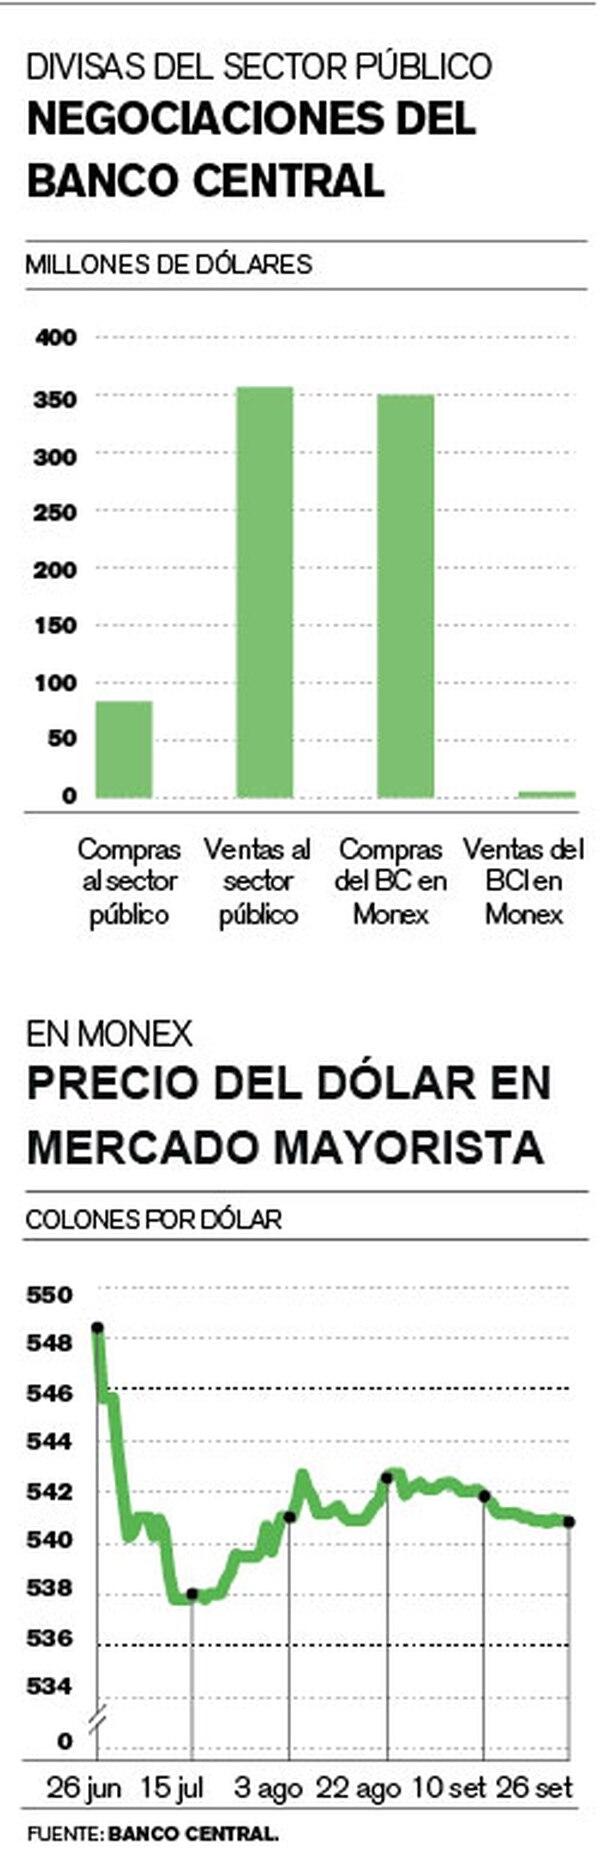 Negociaciones del Banco Central